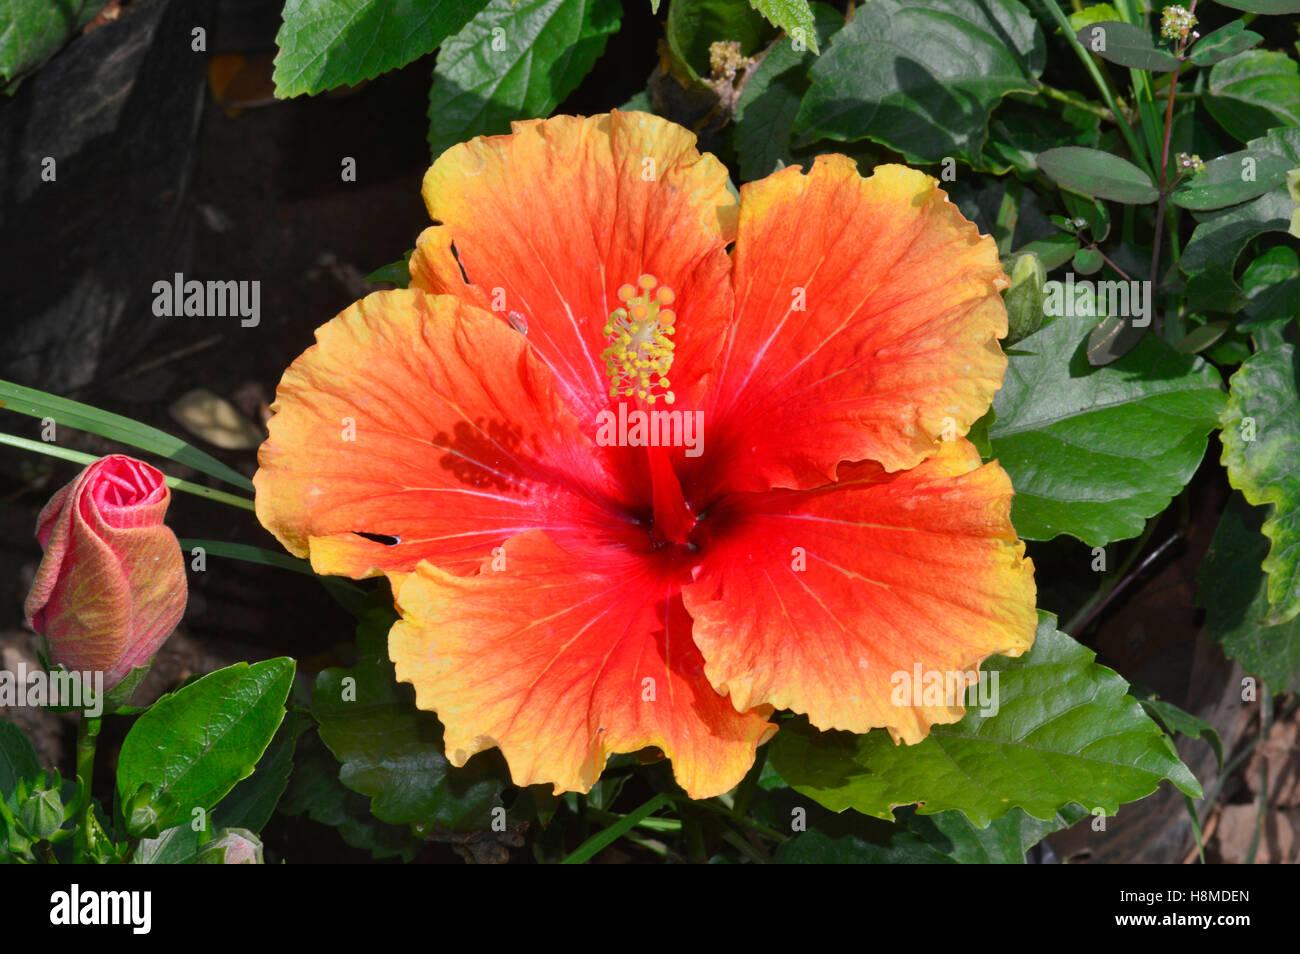 Hawaiian hibiscus flower pune stock photo royalty free image hawaiian hibiscus flower pune izmirmasajfo